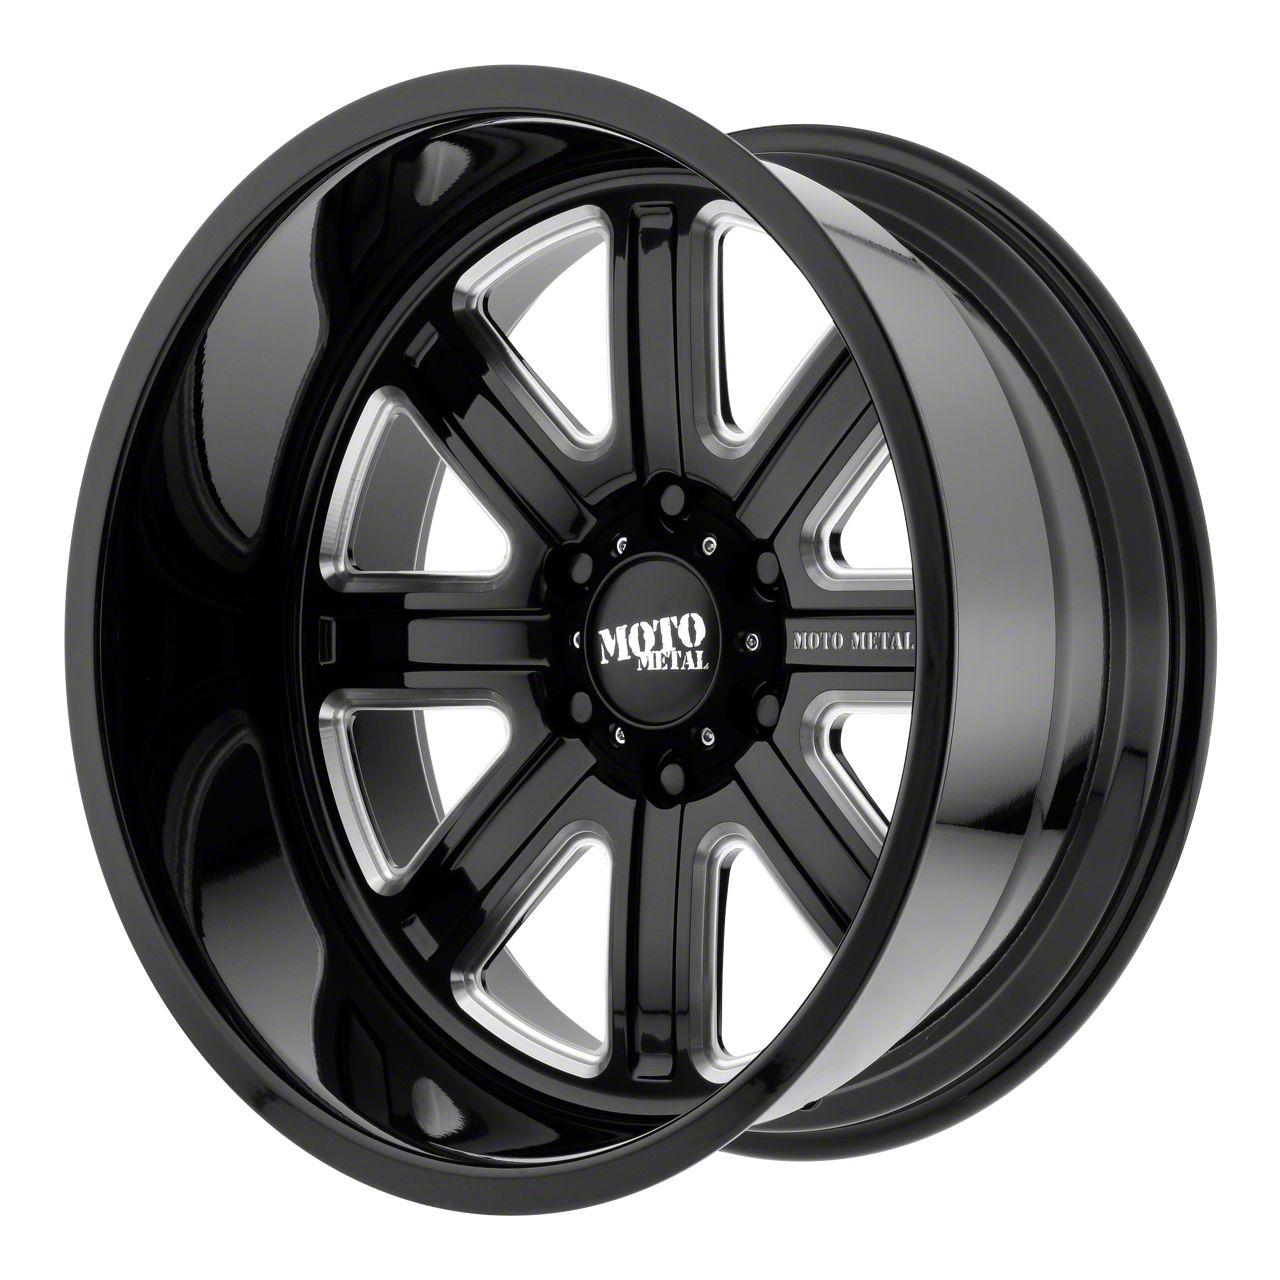 Moto Metal MO402 Gloss Black Milled 6-Lug Wheel - 24x14 (99-19 Silverado 1500)